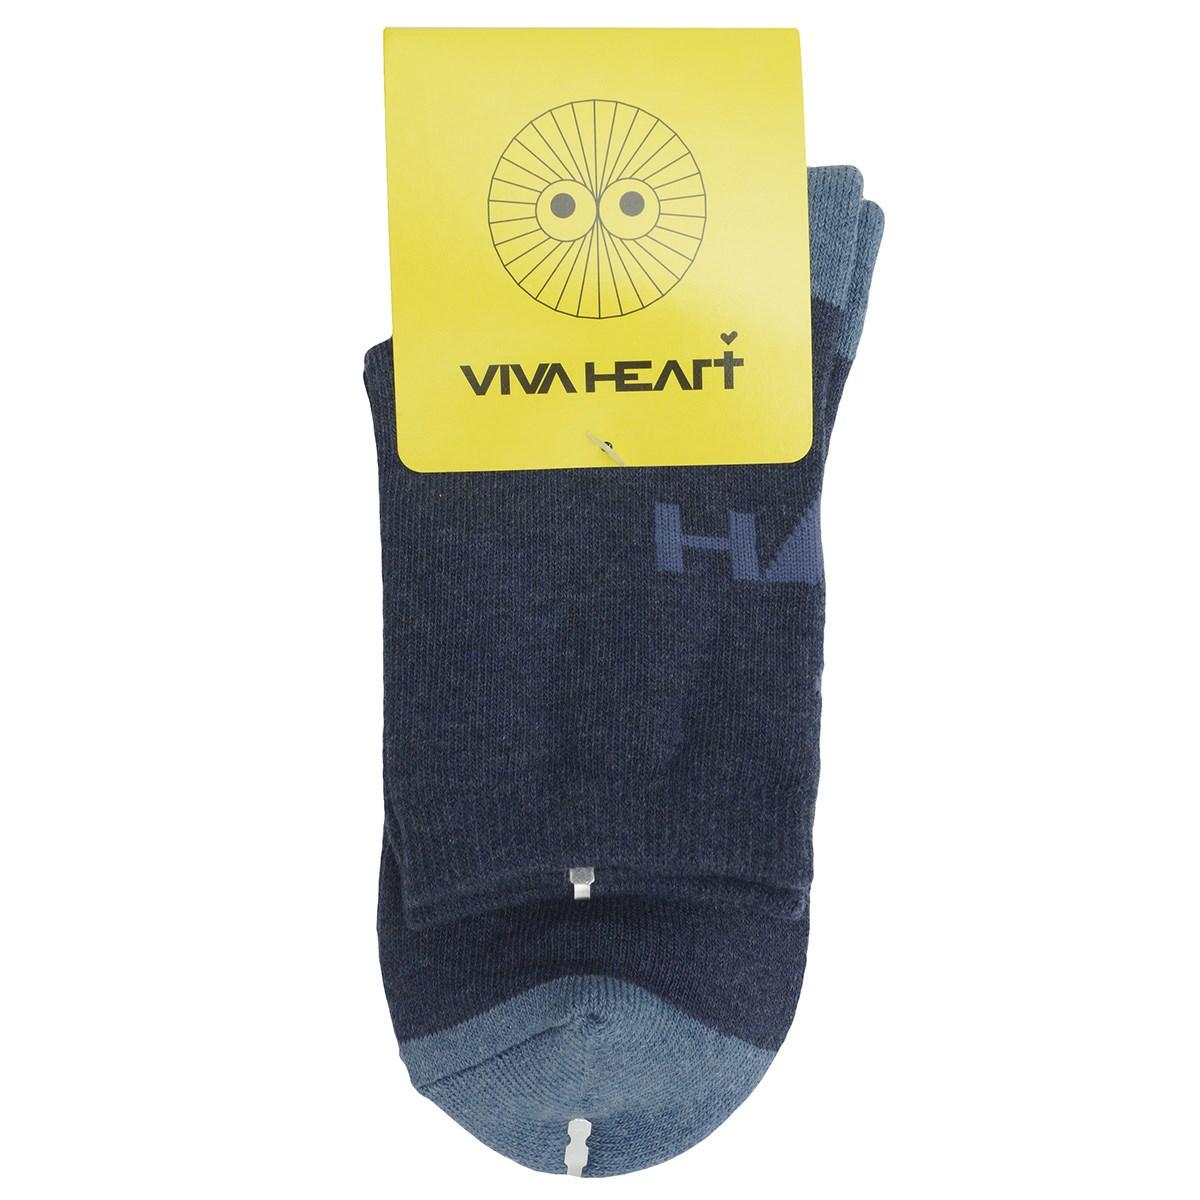 ビバハート VIVA HEART レギュラーソックス フリー ネイビー 098 レディス